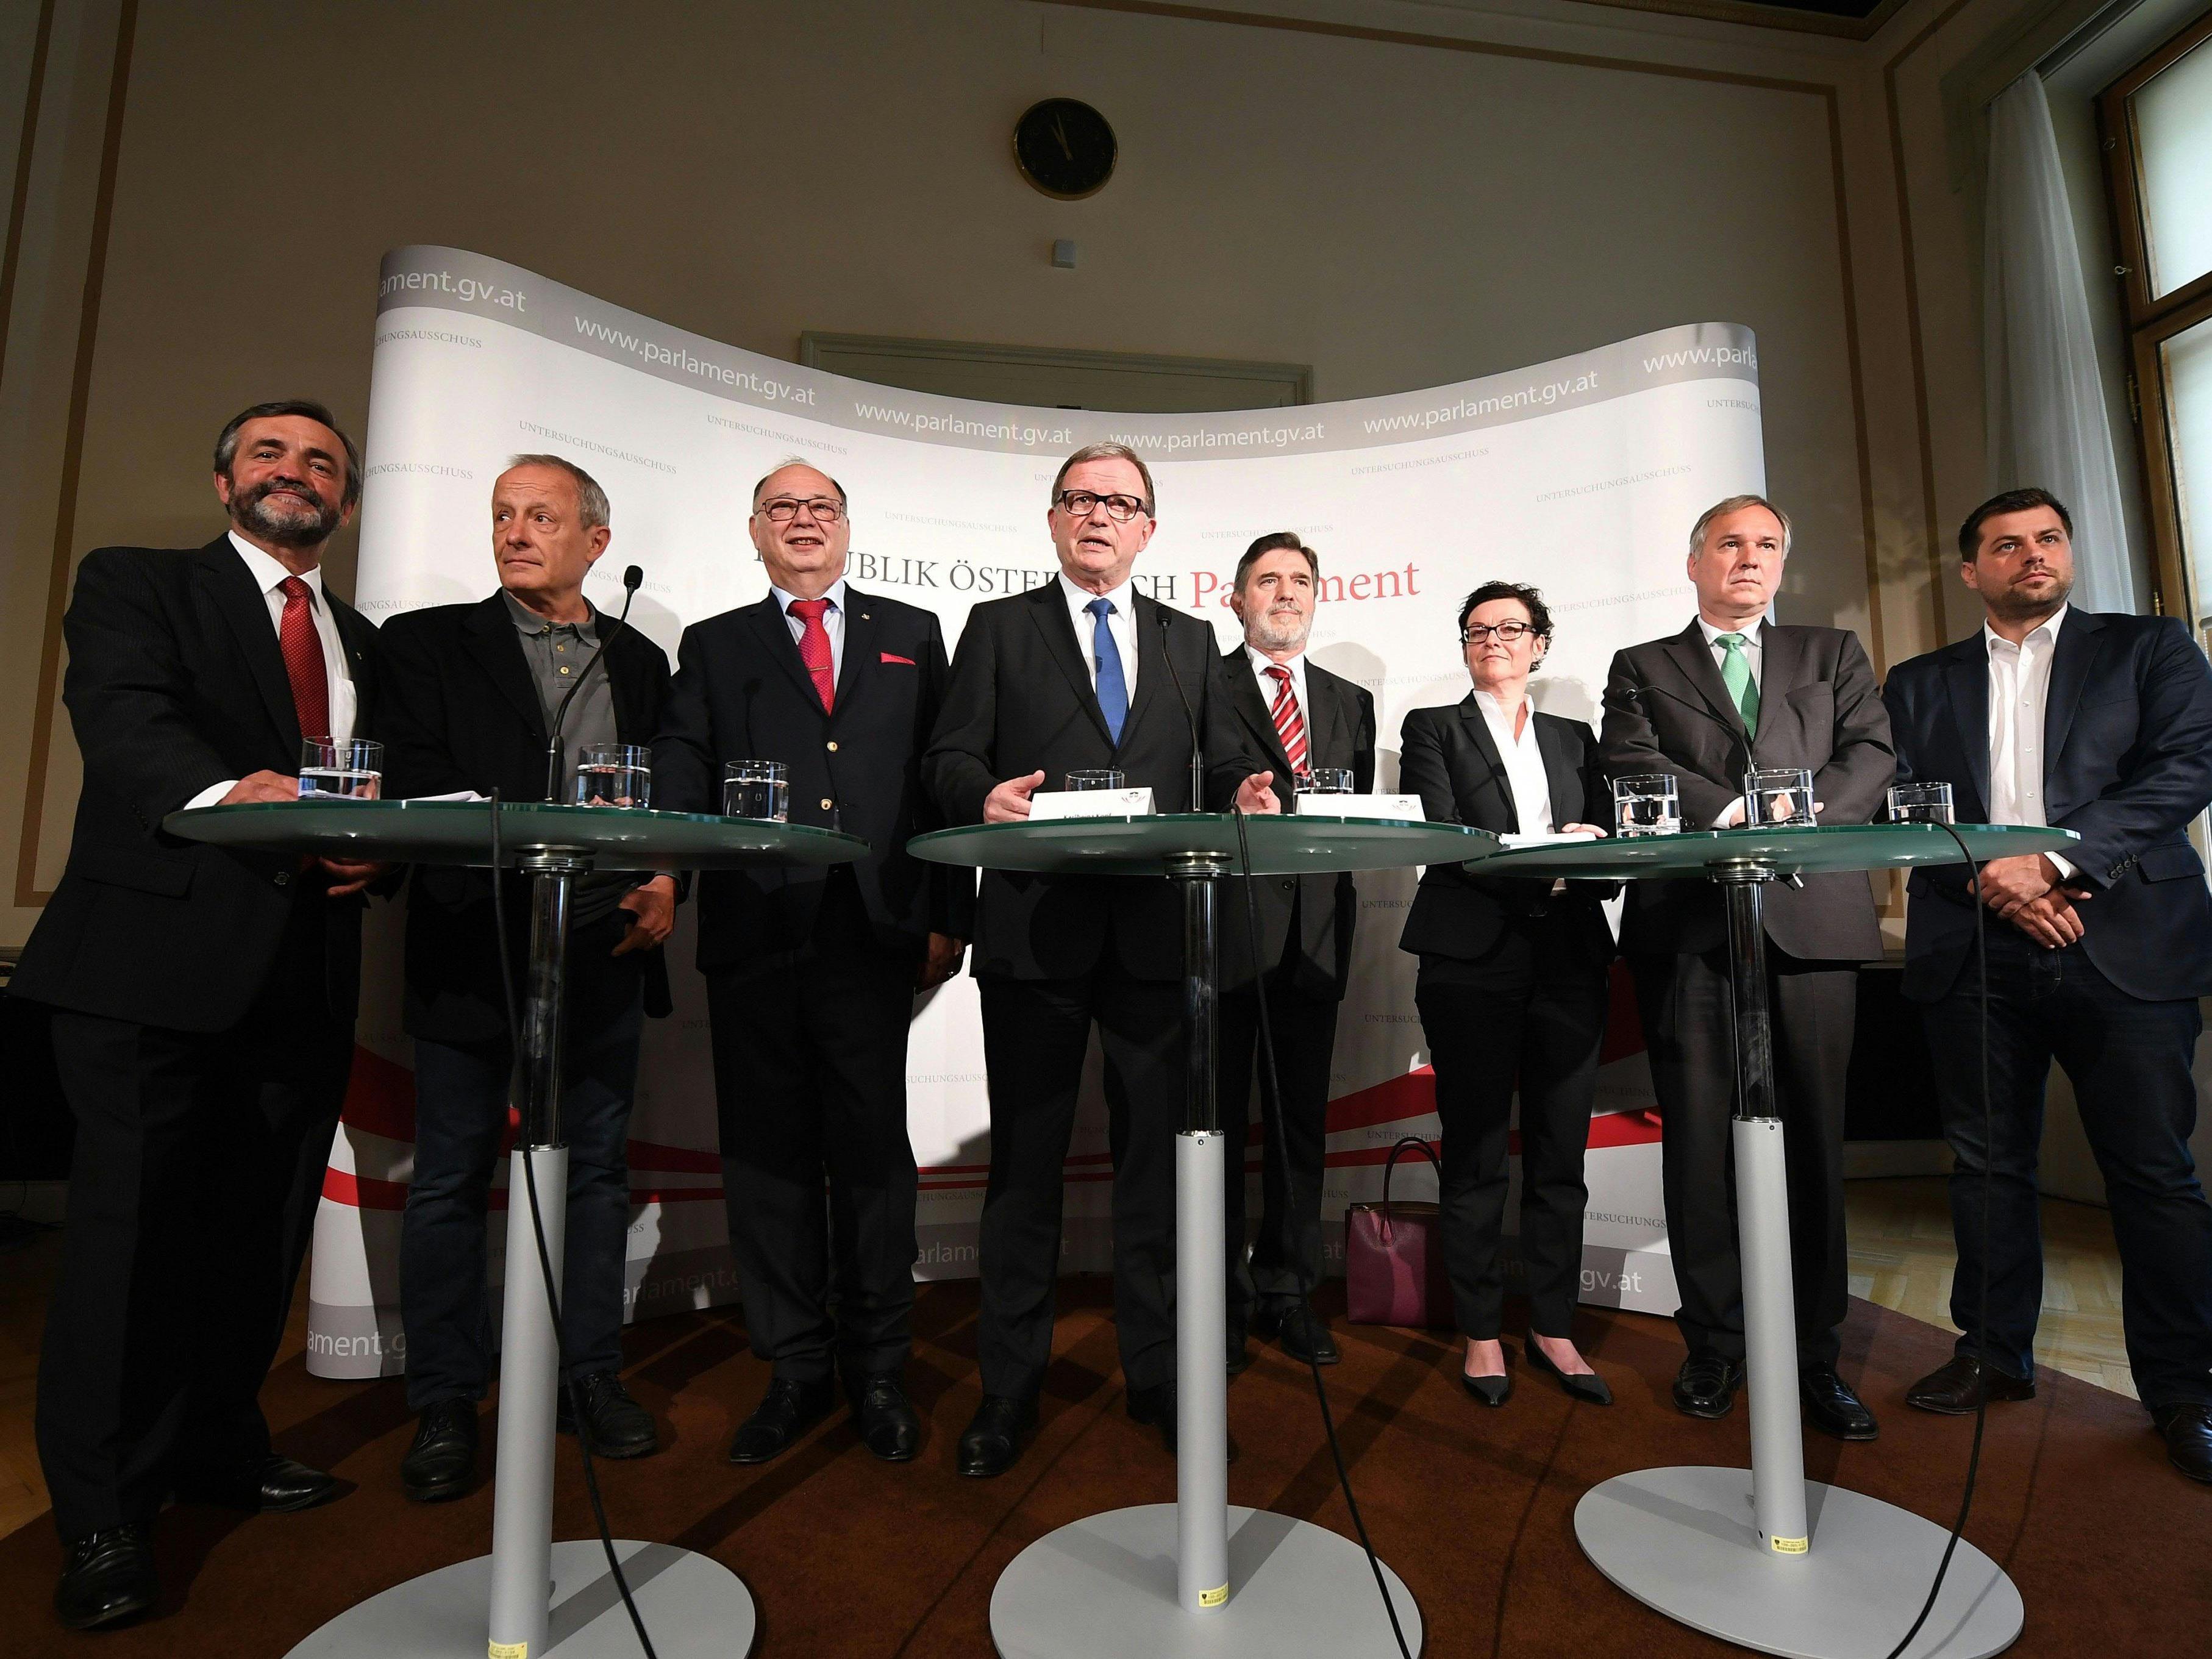 Die Mitglieder des Eurofighter-U-Ausschusses.